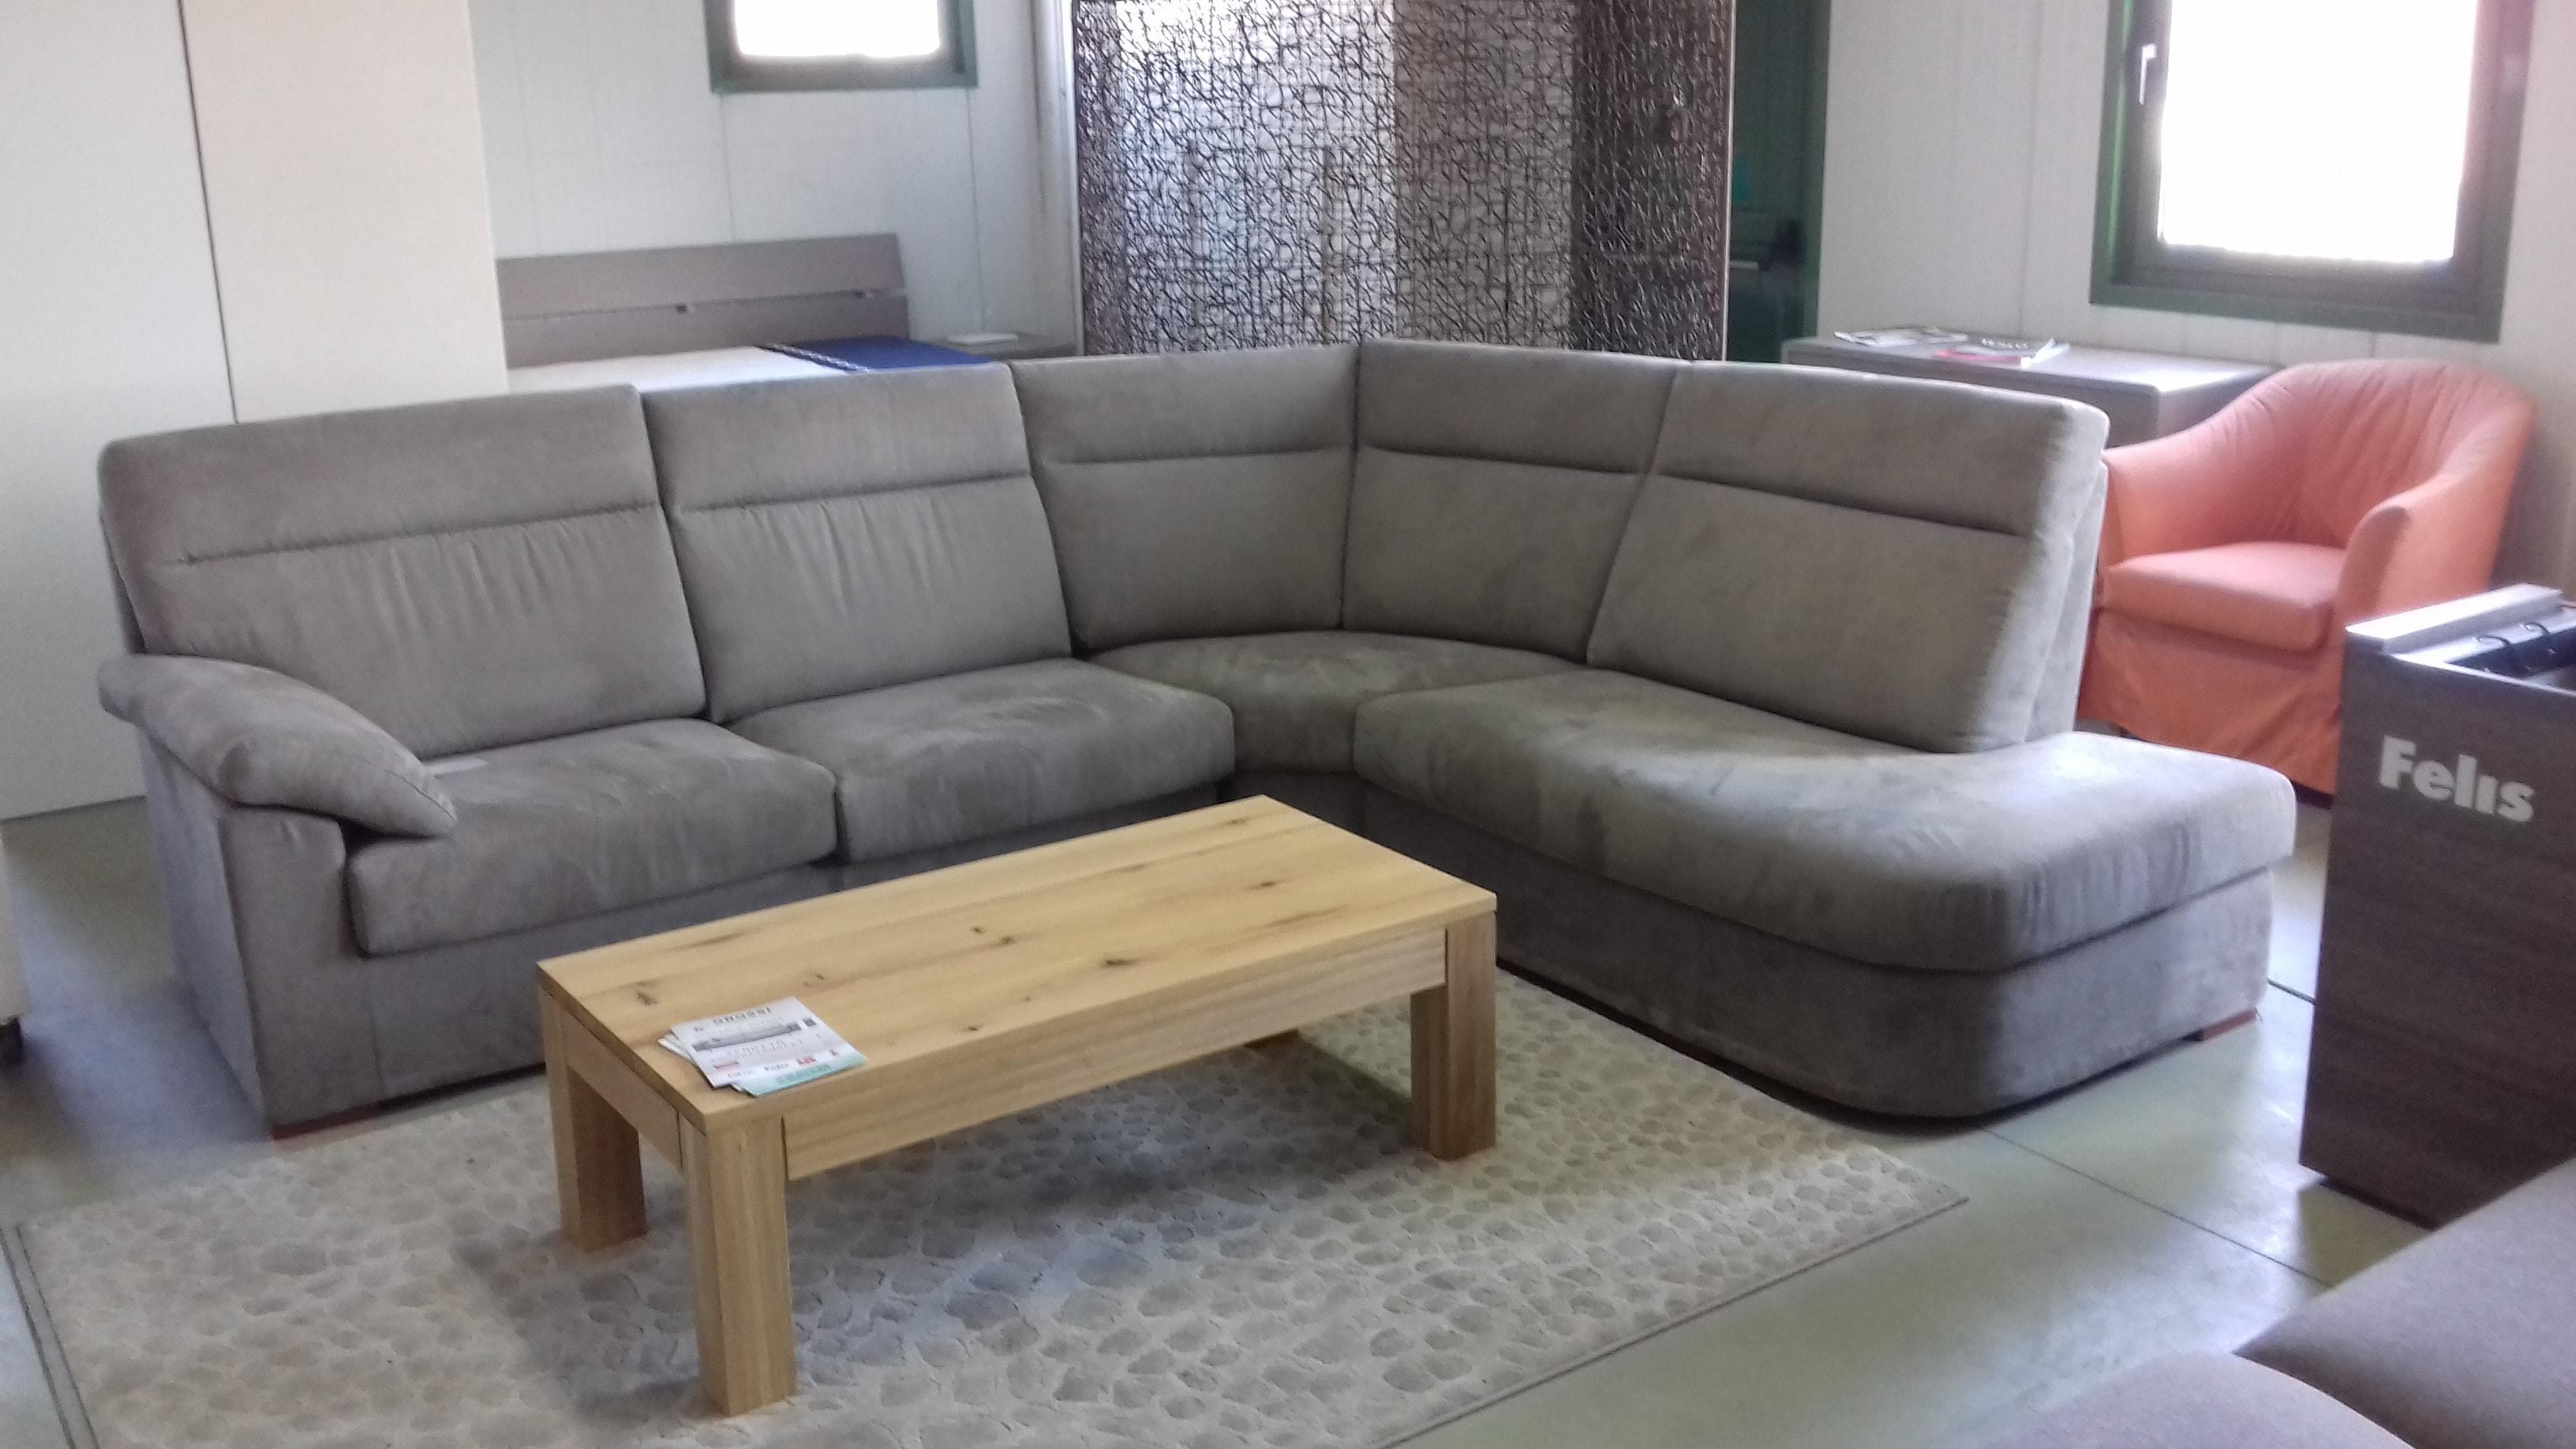 Divano angolare felis a prezzi scontati divani a prezzi for Prezzi divani moderni